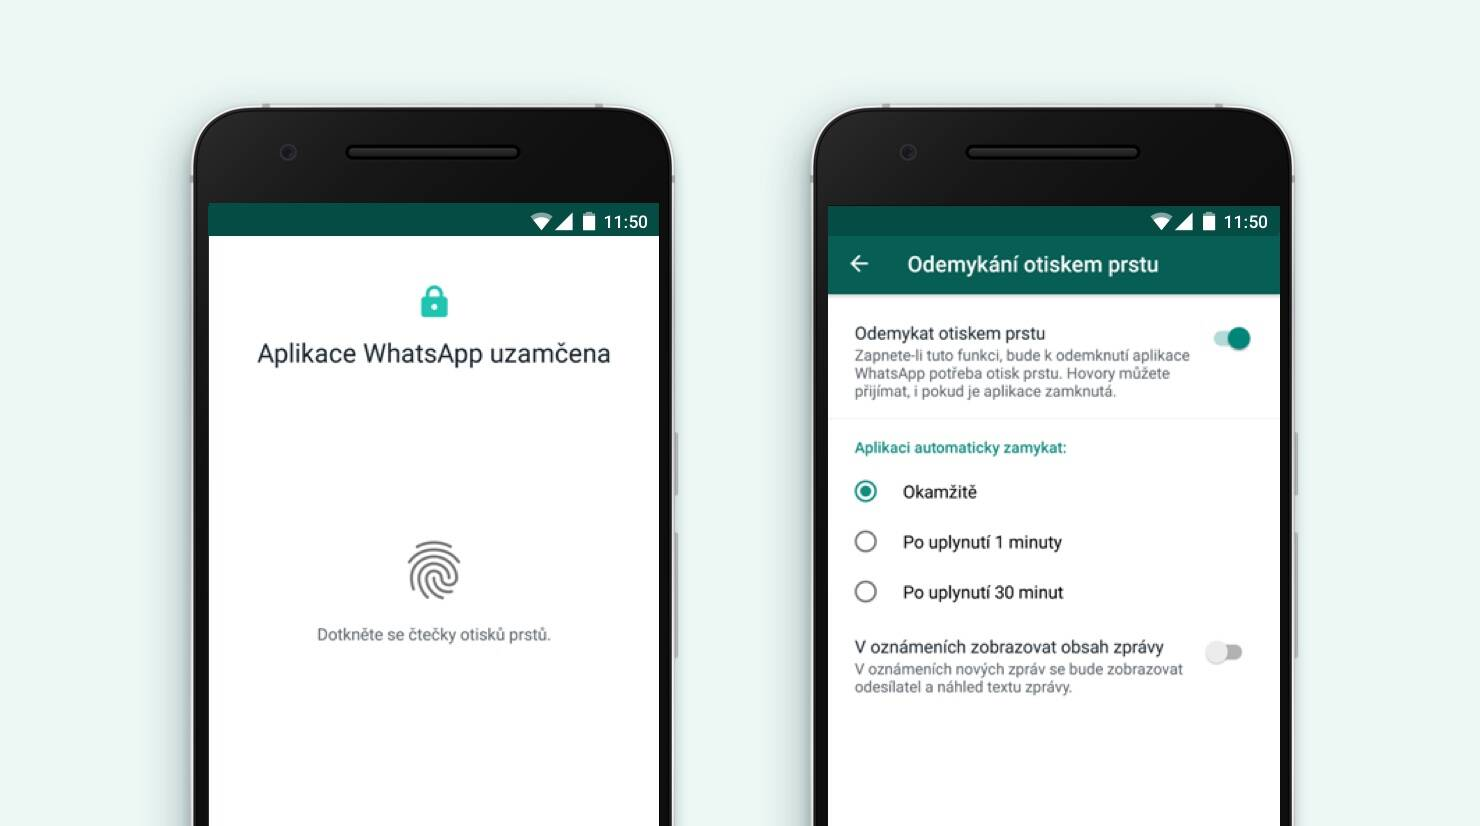 WhatsApp upraví biometrické ověření v Androidu [aktualizováno]